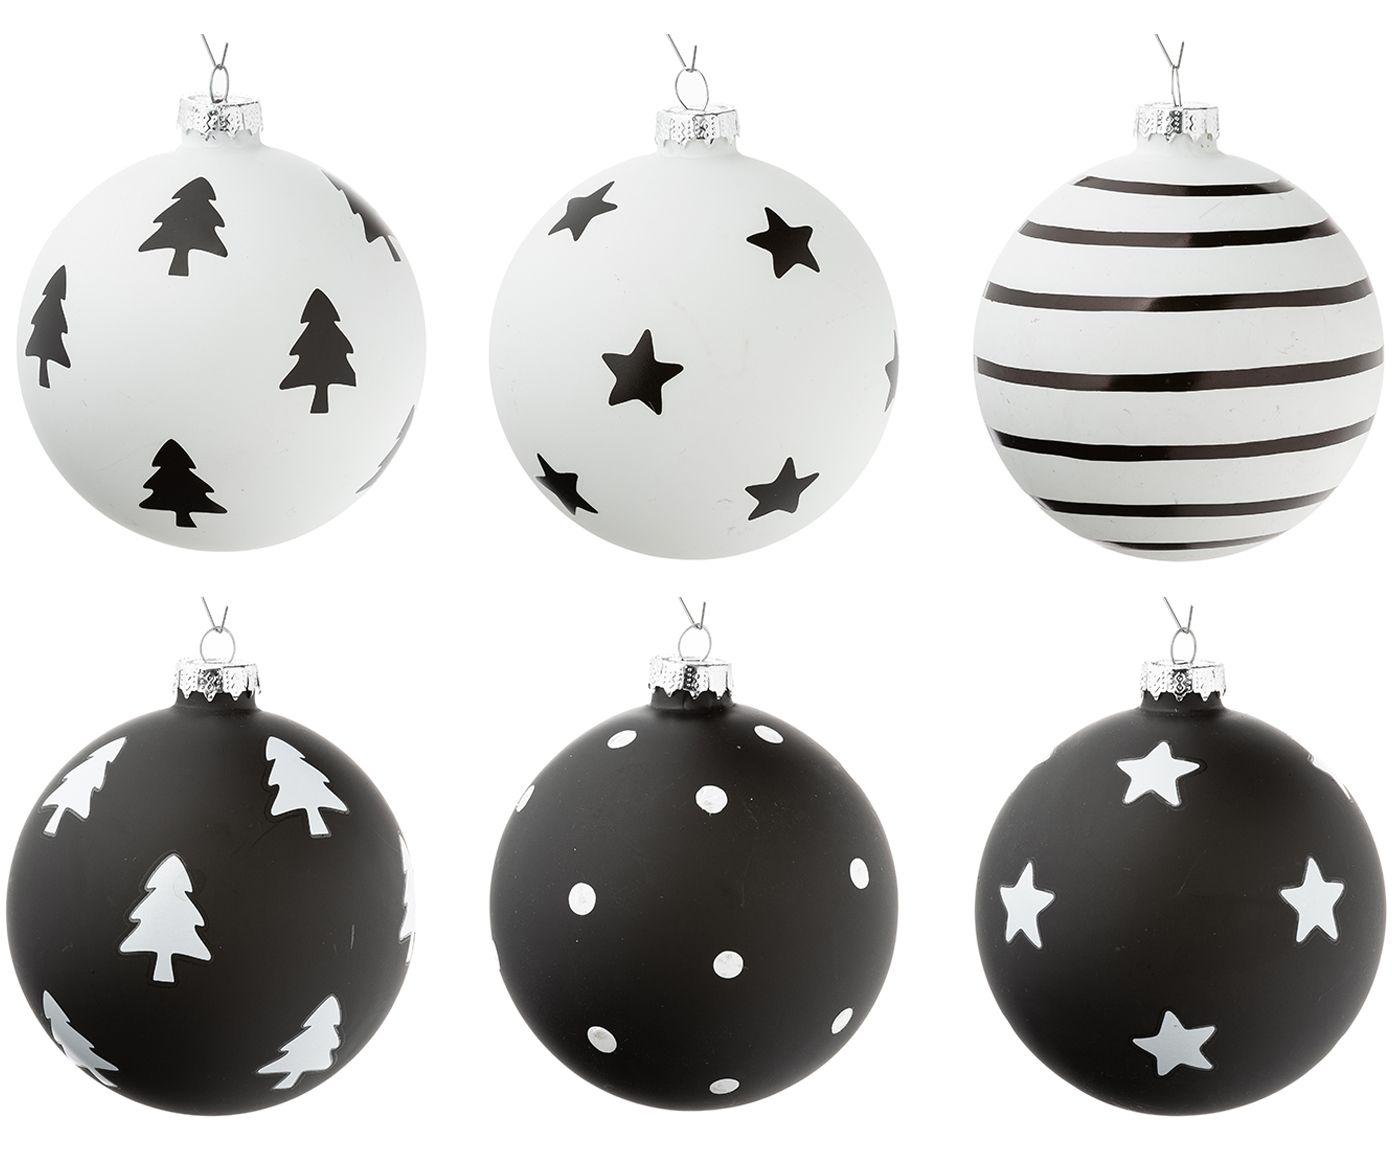 Schwarz Weiße Christbaumkugeln.Affiliatelink Weihnachtskugeln Set Bullerbü 6 Tlg Skandinavisch